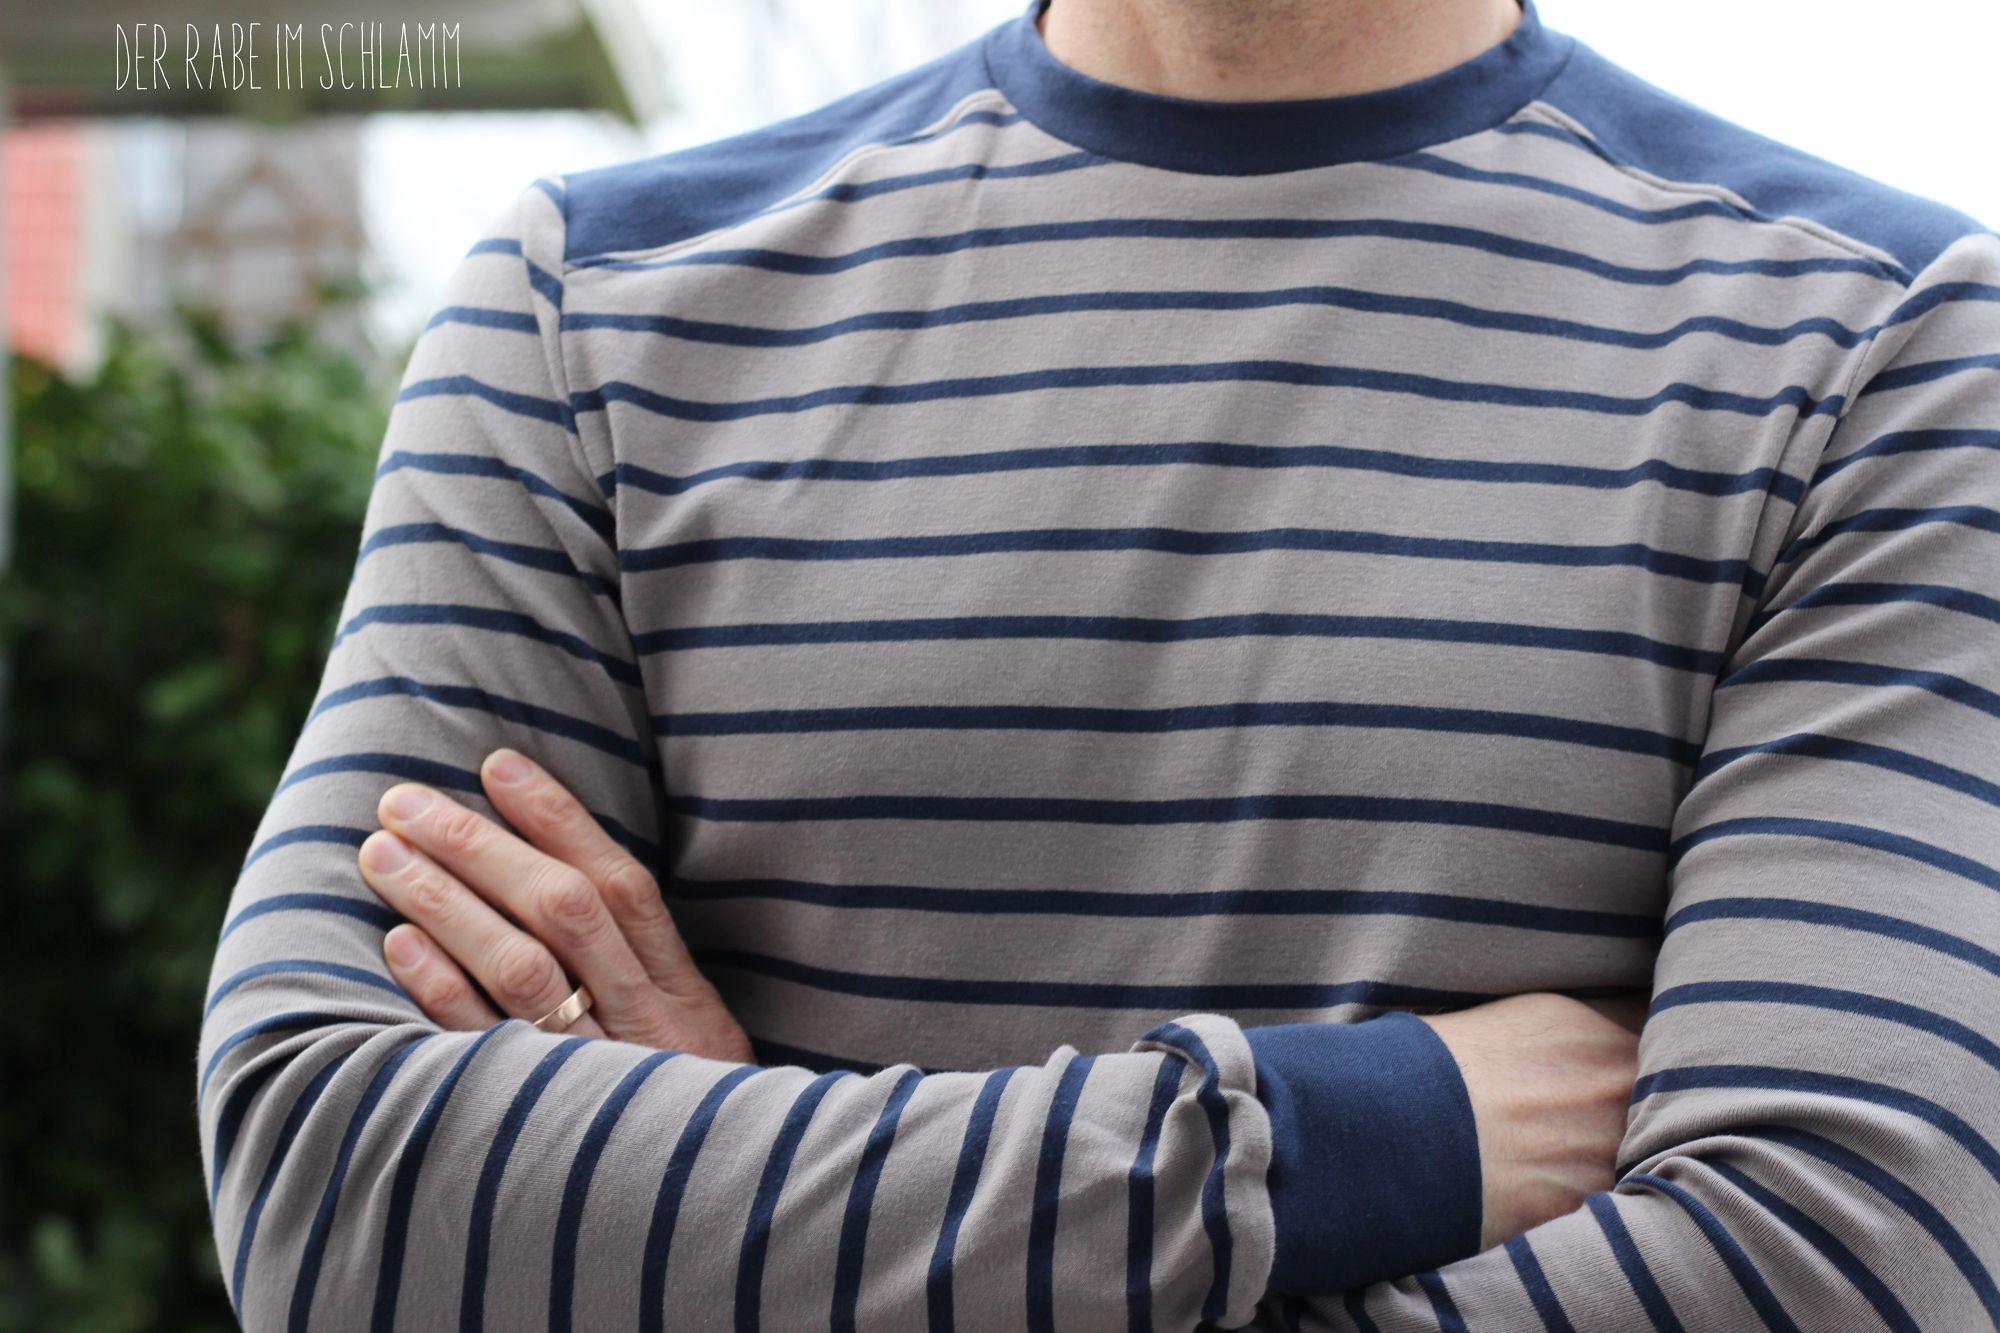 Der Rabe im Schlamm, Shirt, Männer, Herren, Nähen, Schnittmuster